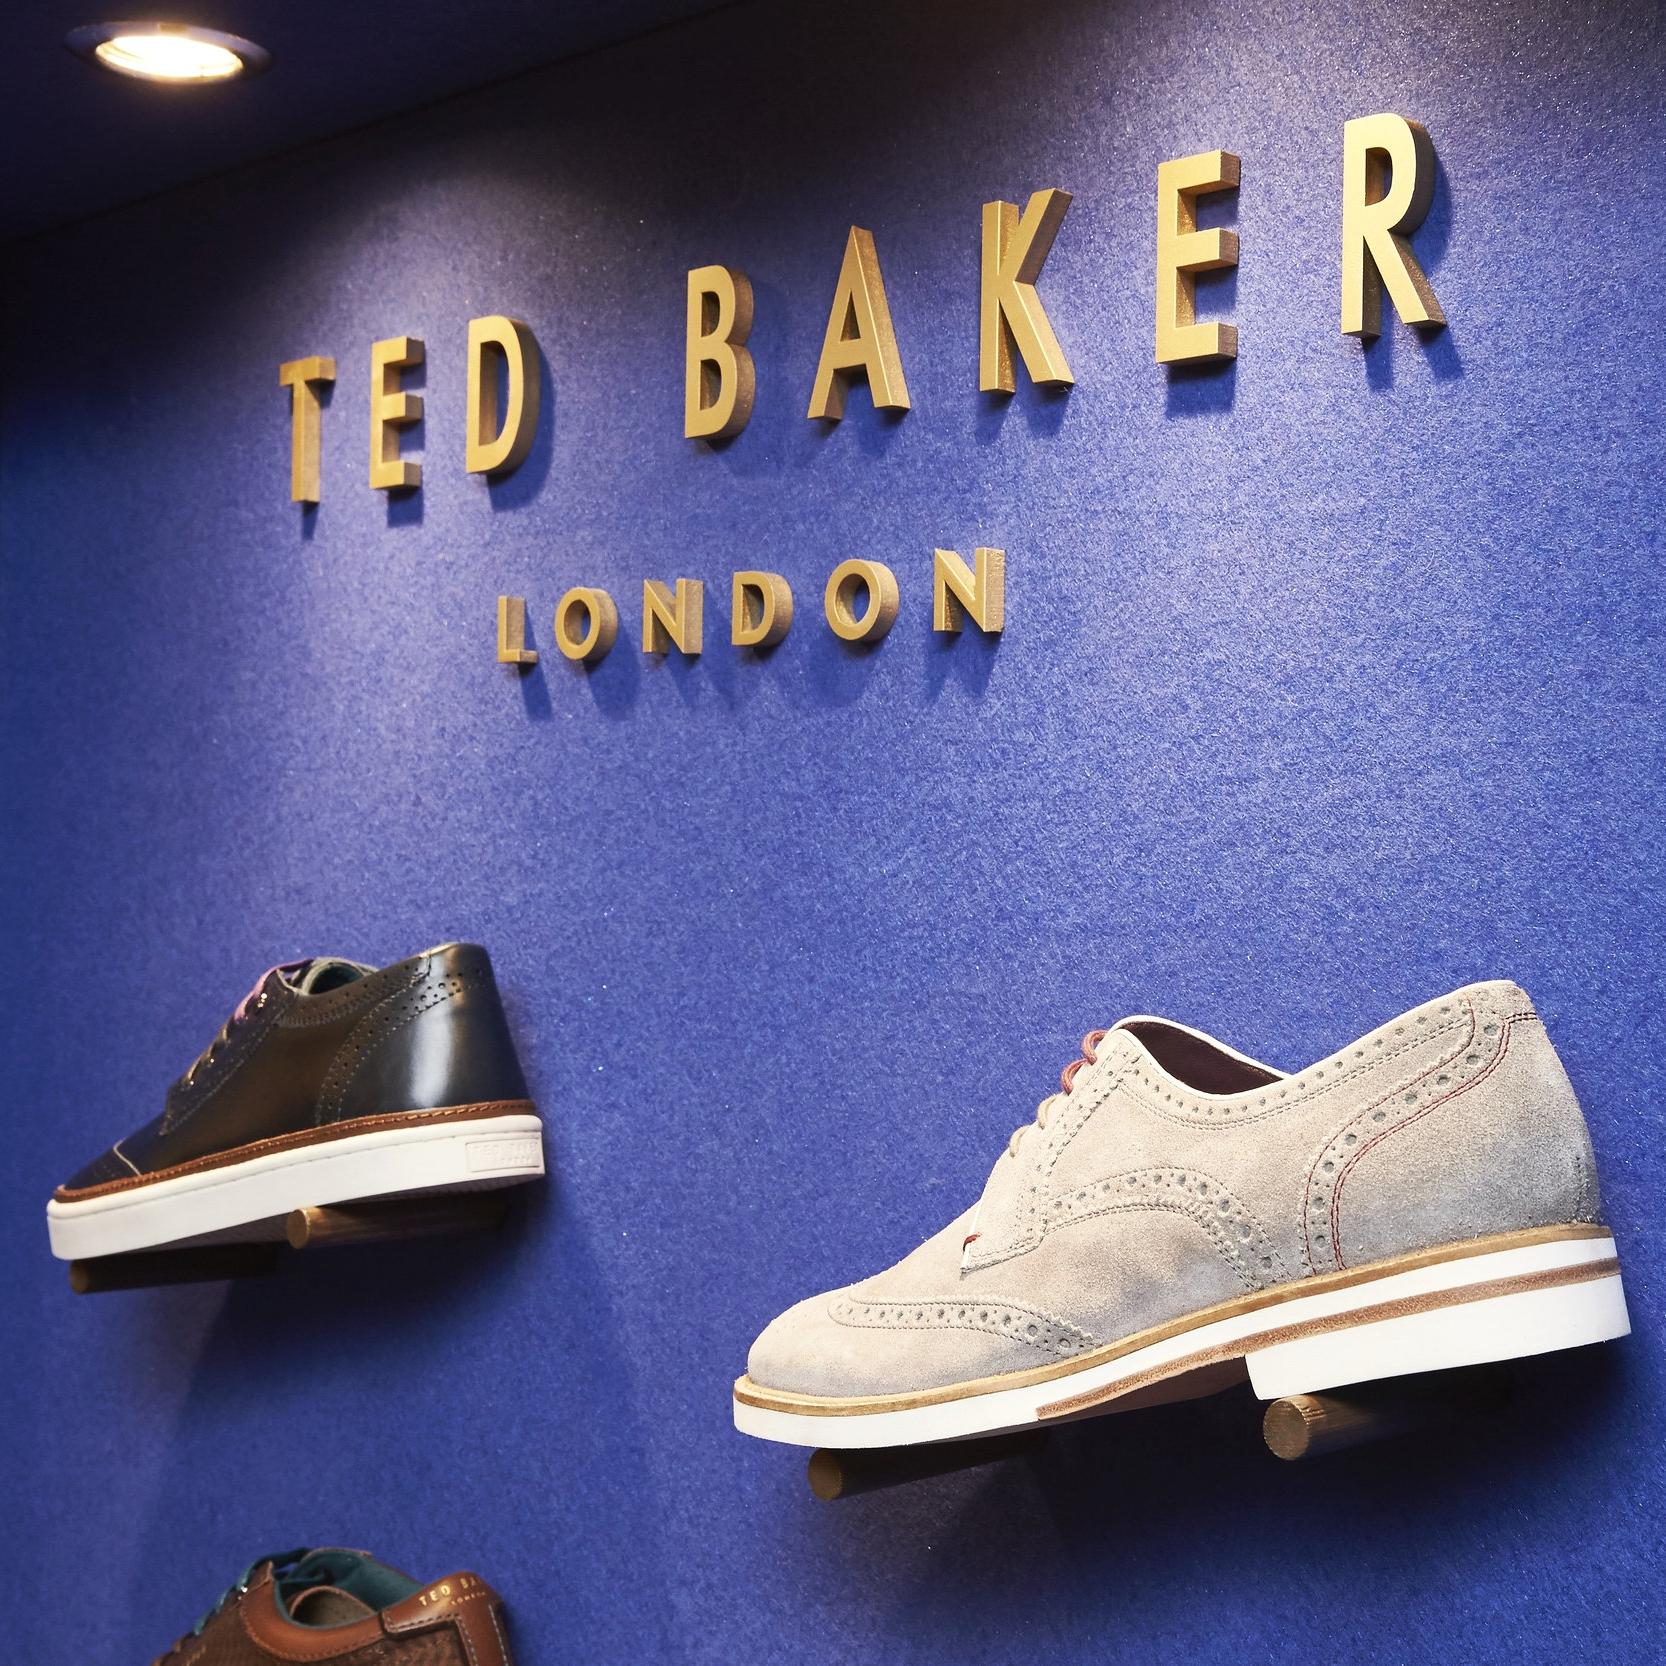 TED BAKER POP UP